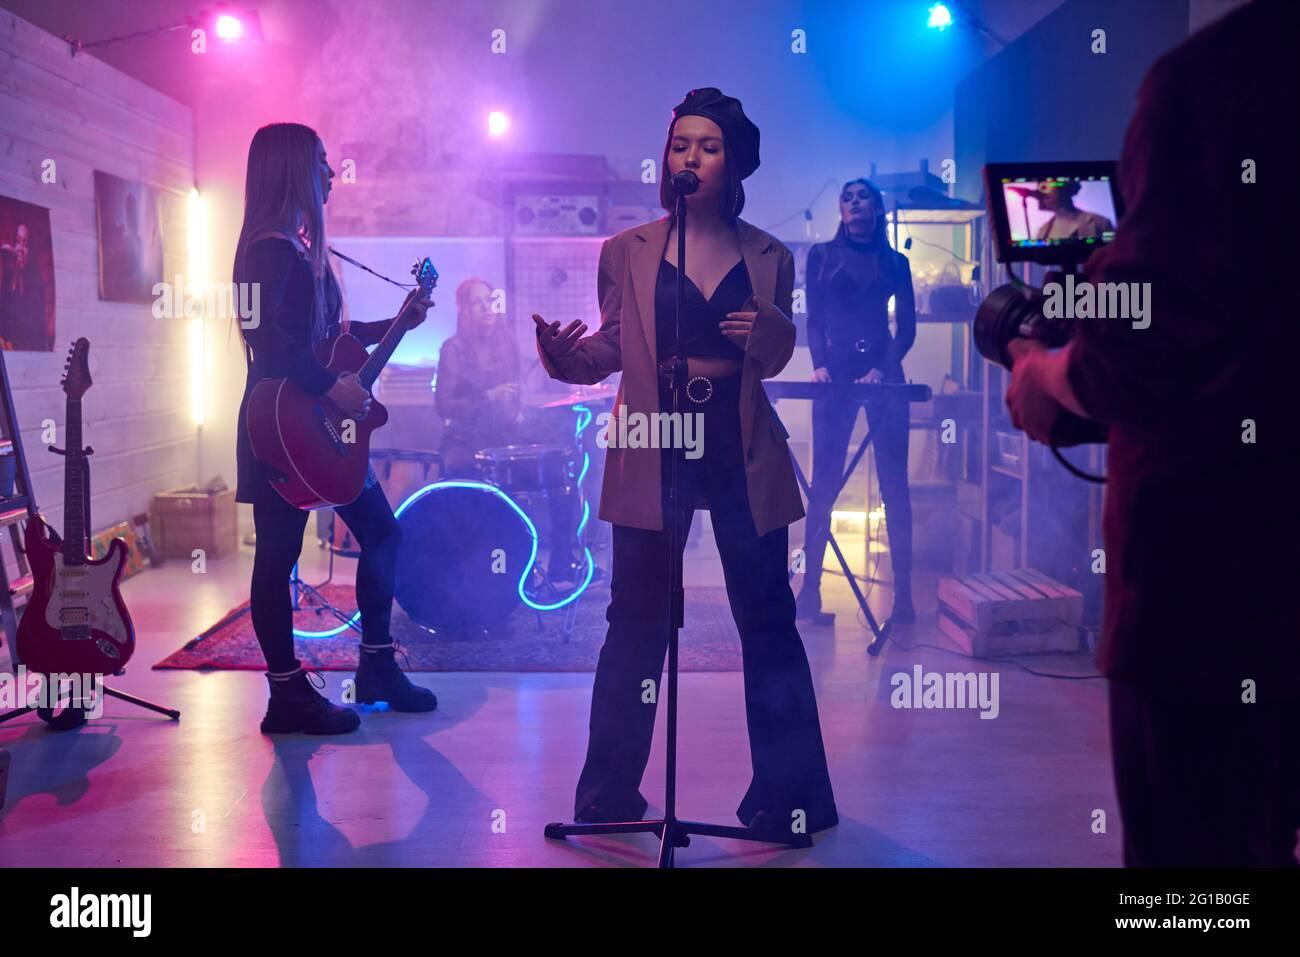 Joven mujer cantando en el escenario frente a cámara grabando vídeo musical Foto de stock